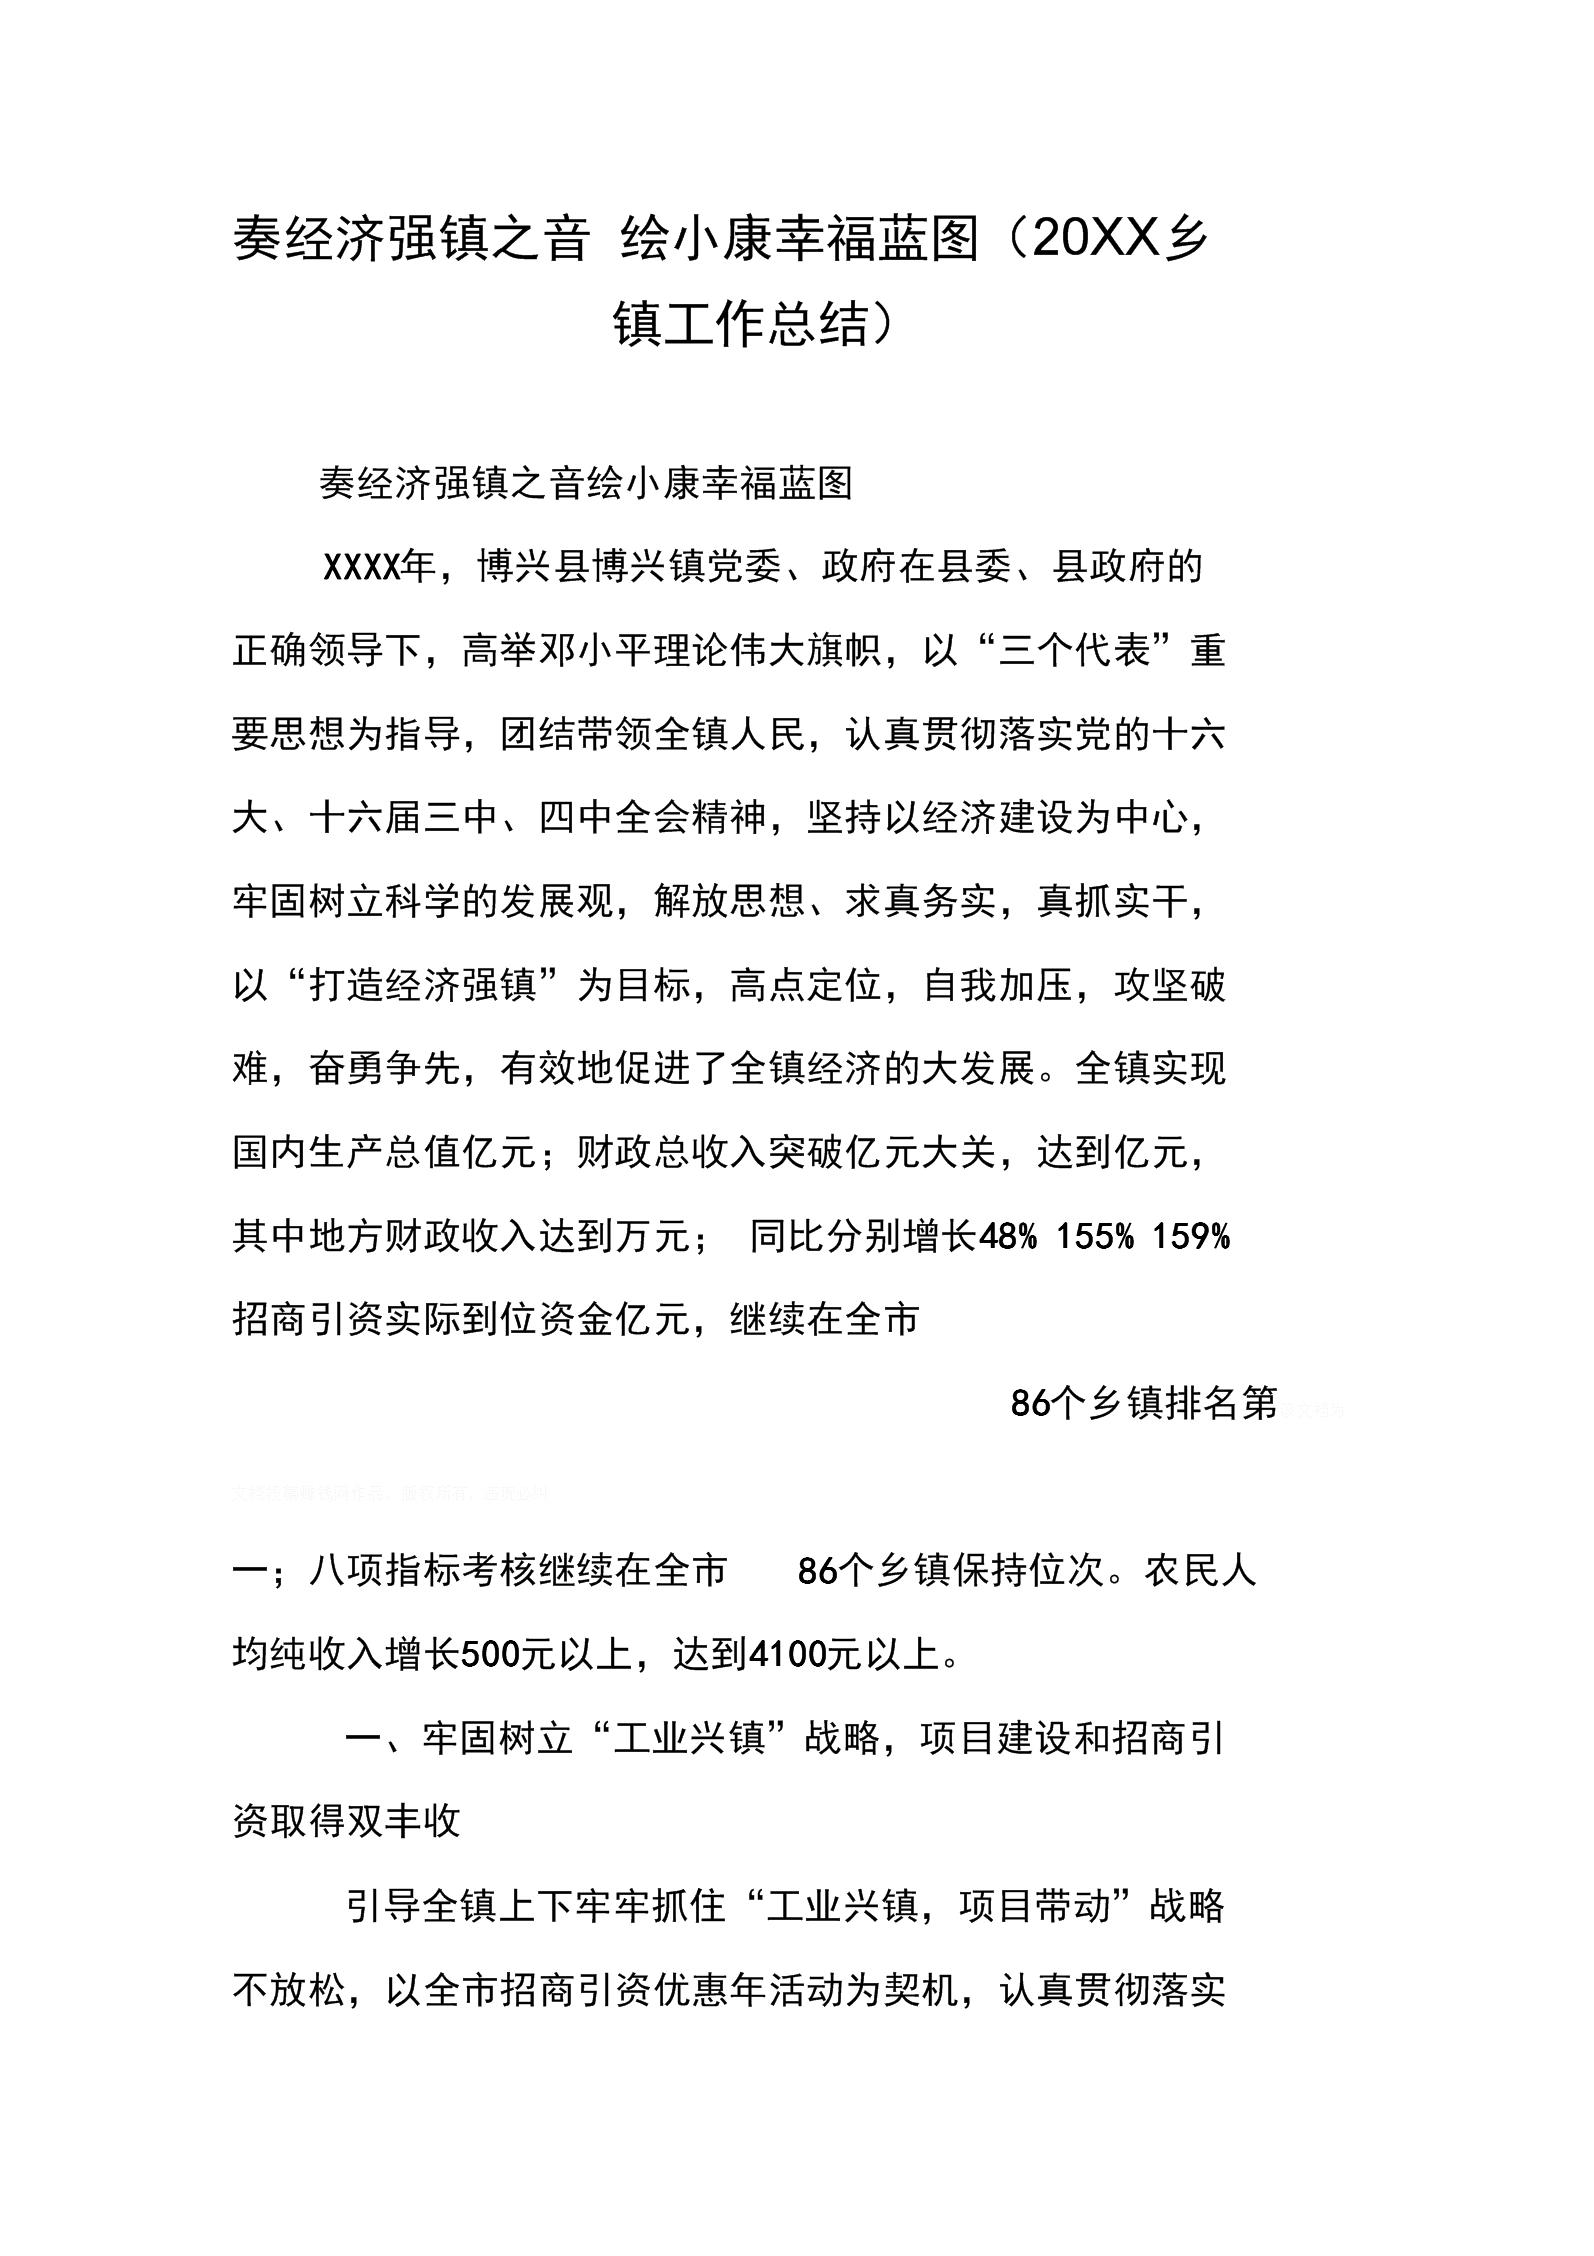 奏经济强镇之音绘小康幸福蓝图(20XX乡镇工作总结).docx